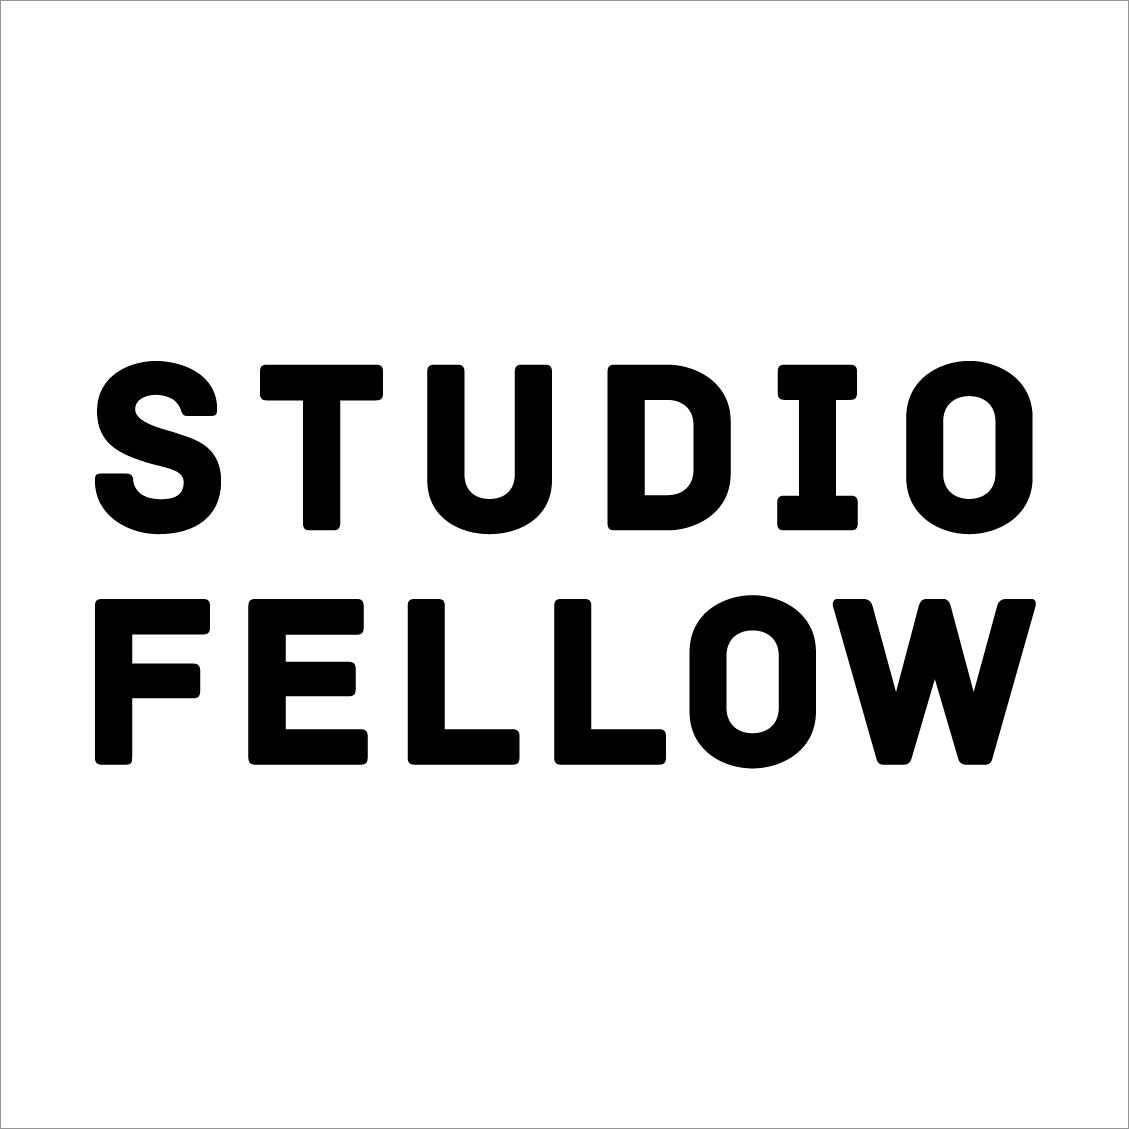 STUDIO FELLOW